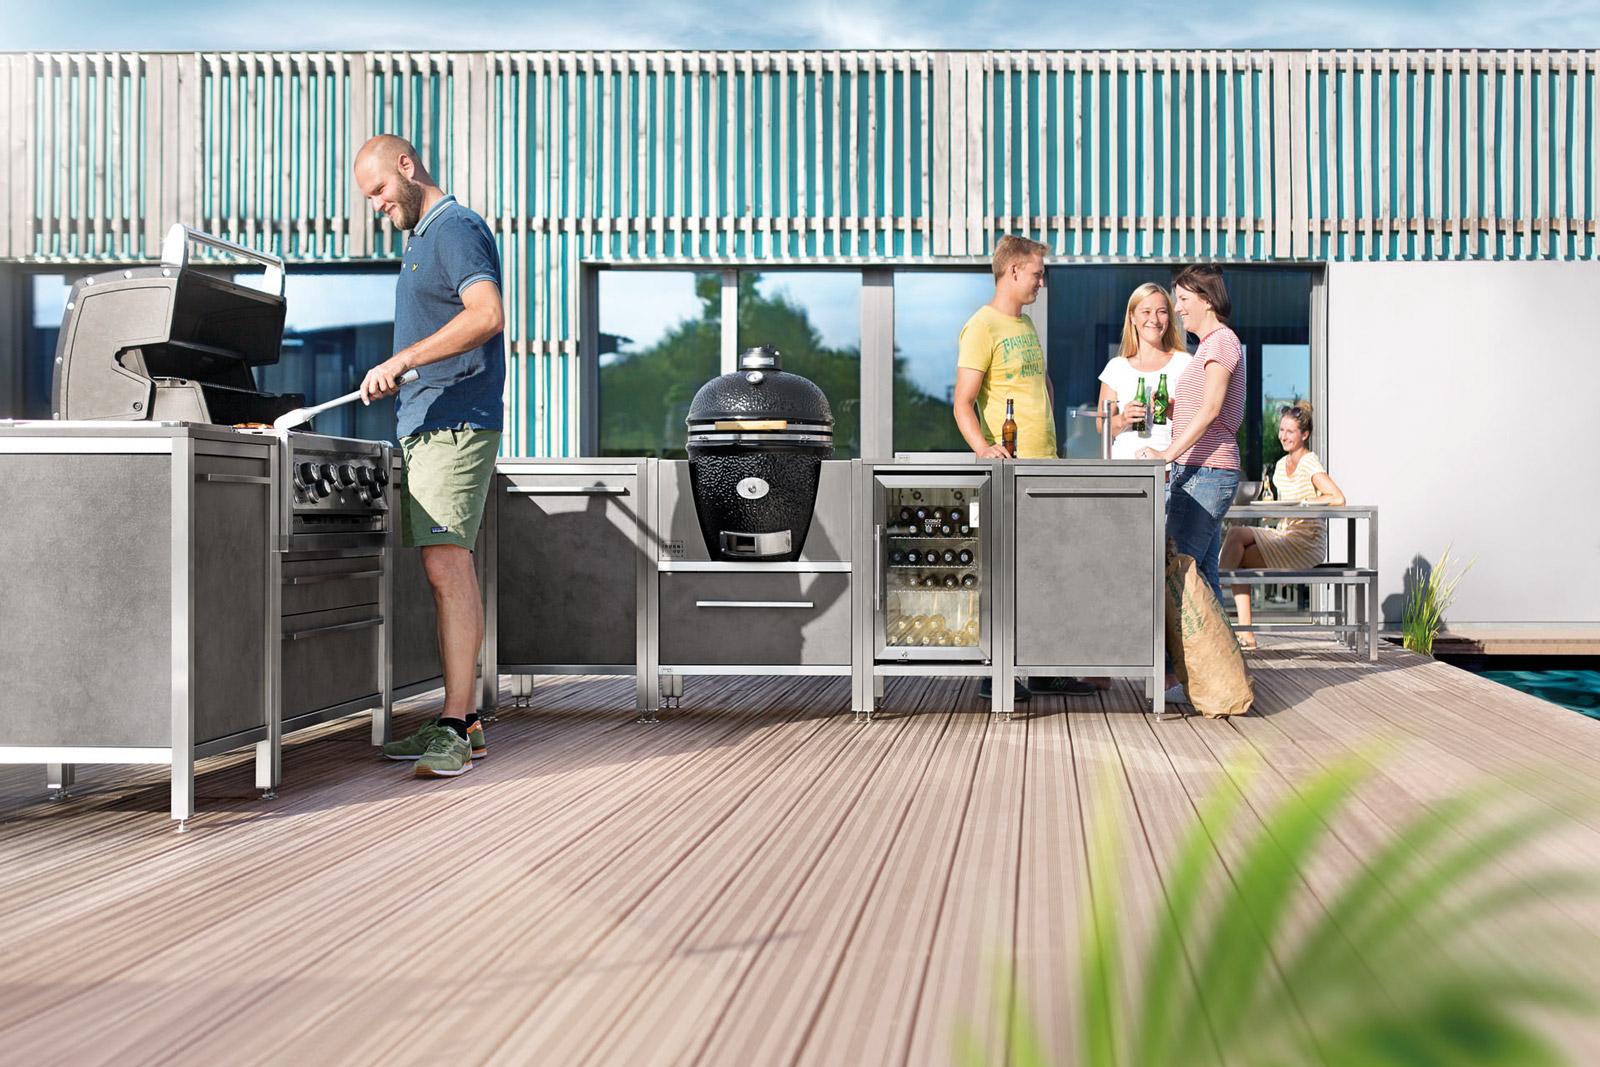 Outdoorküche Möbel Preise : Wir bauen ihre outdoorküche möbel nach ihren wünschen in bochum